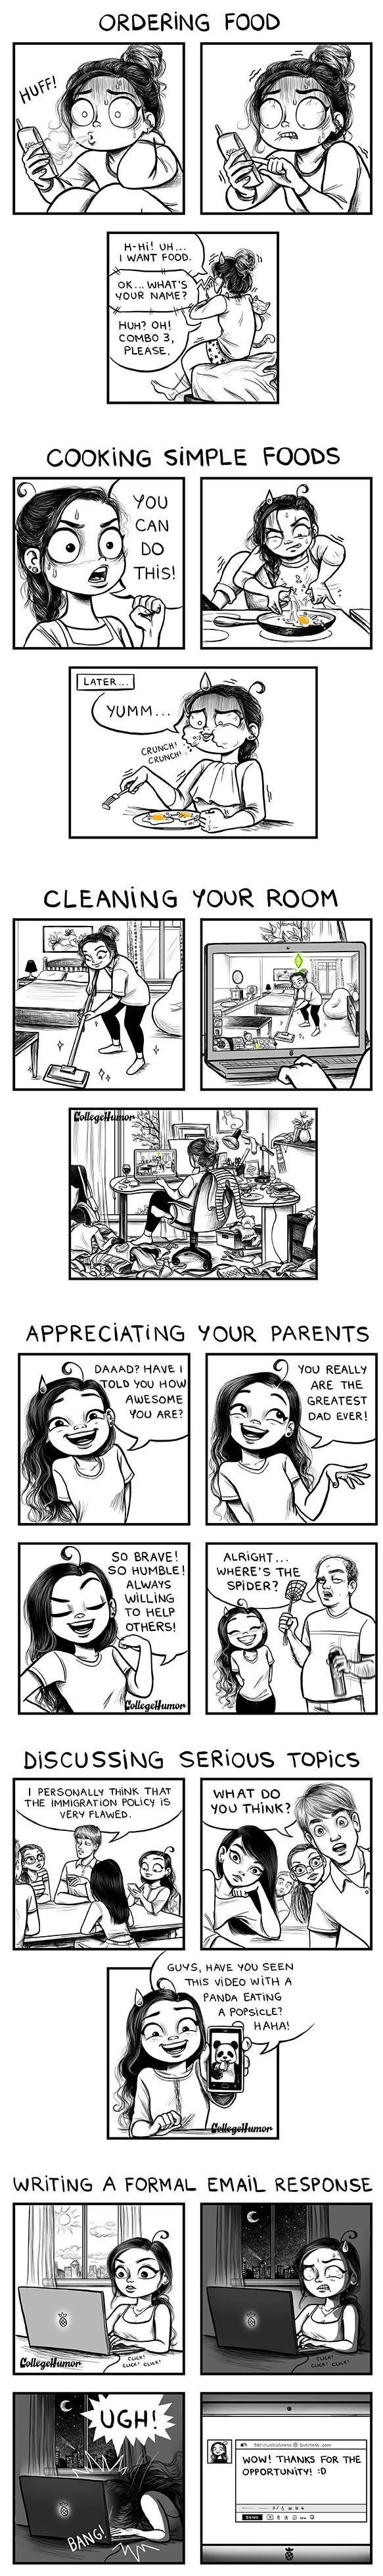 6 Challenges of Being an Adult - Cassandra Calin - http://c-cassandra.tumblr.com/